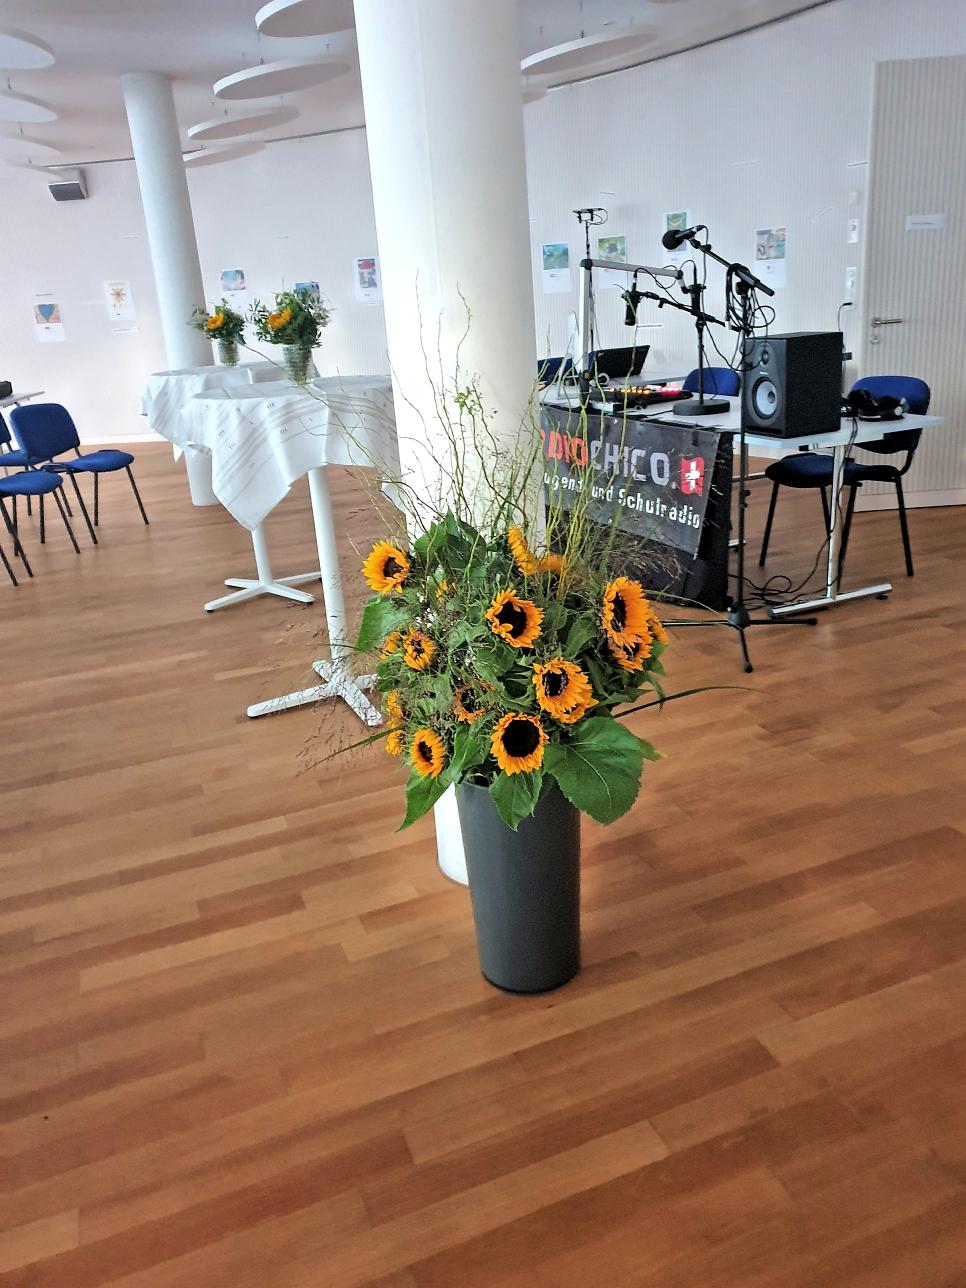 RadioChico Schweiz Studio im Saal von UNITY-Schweiz